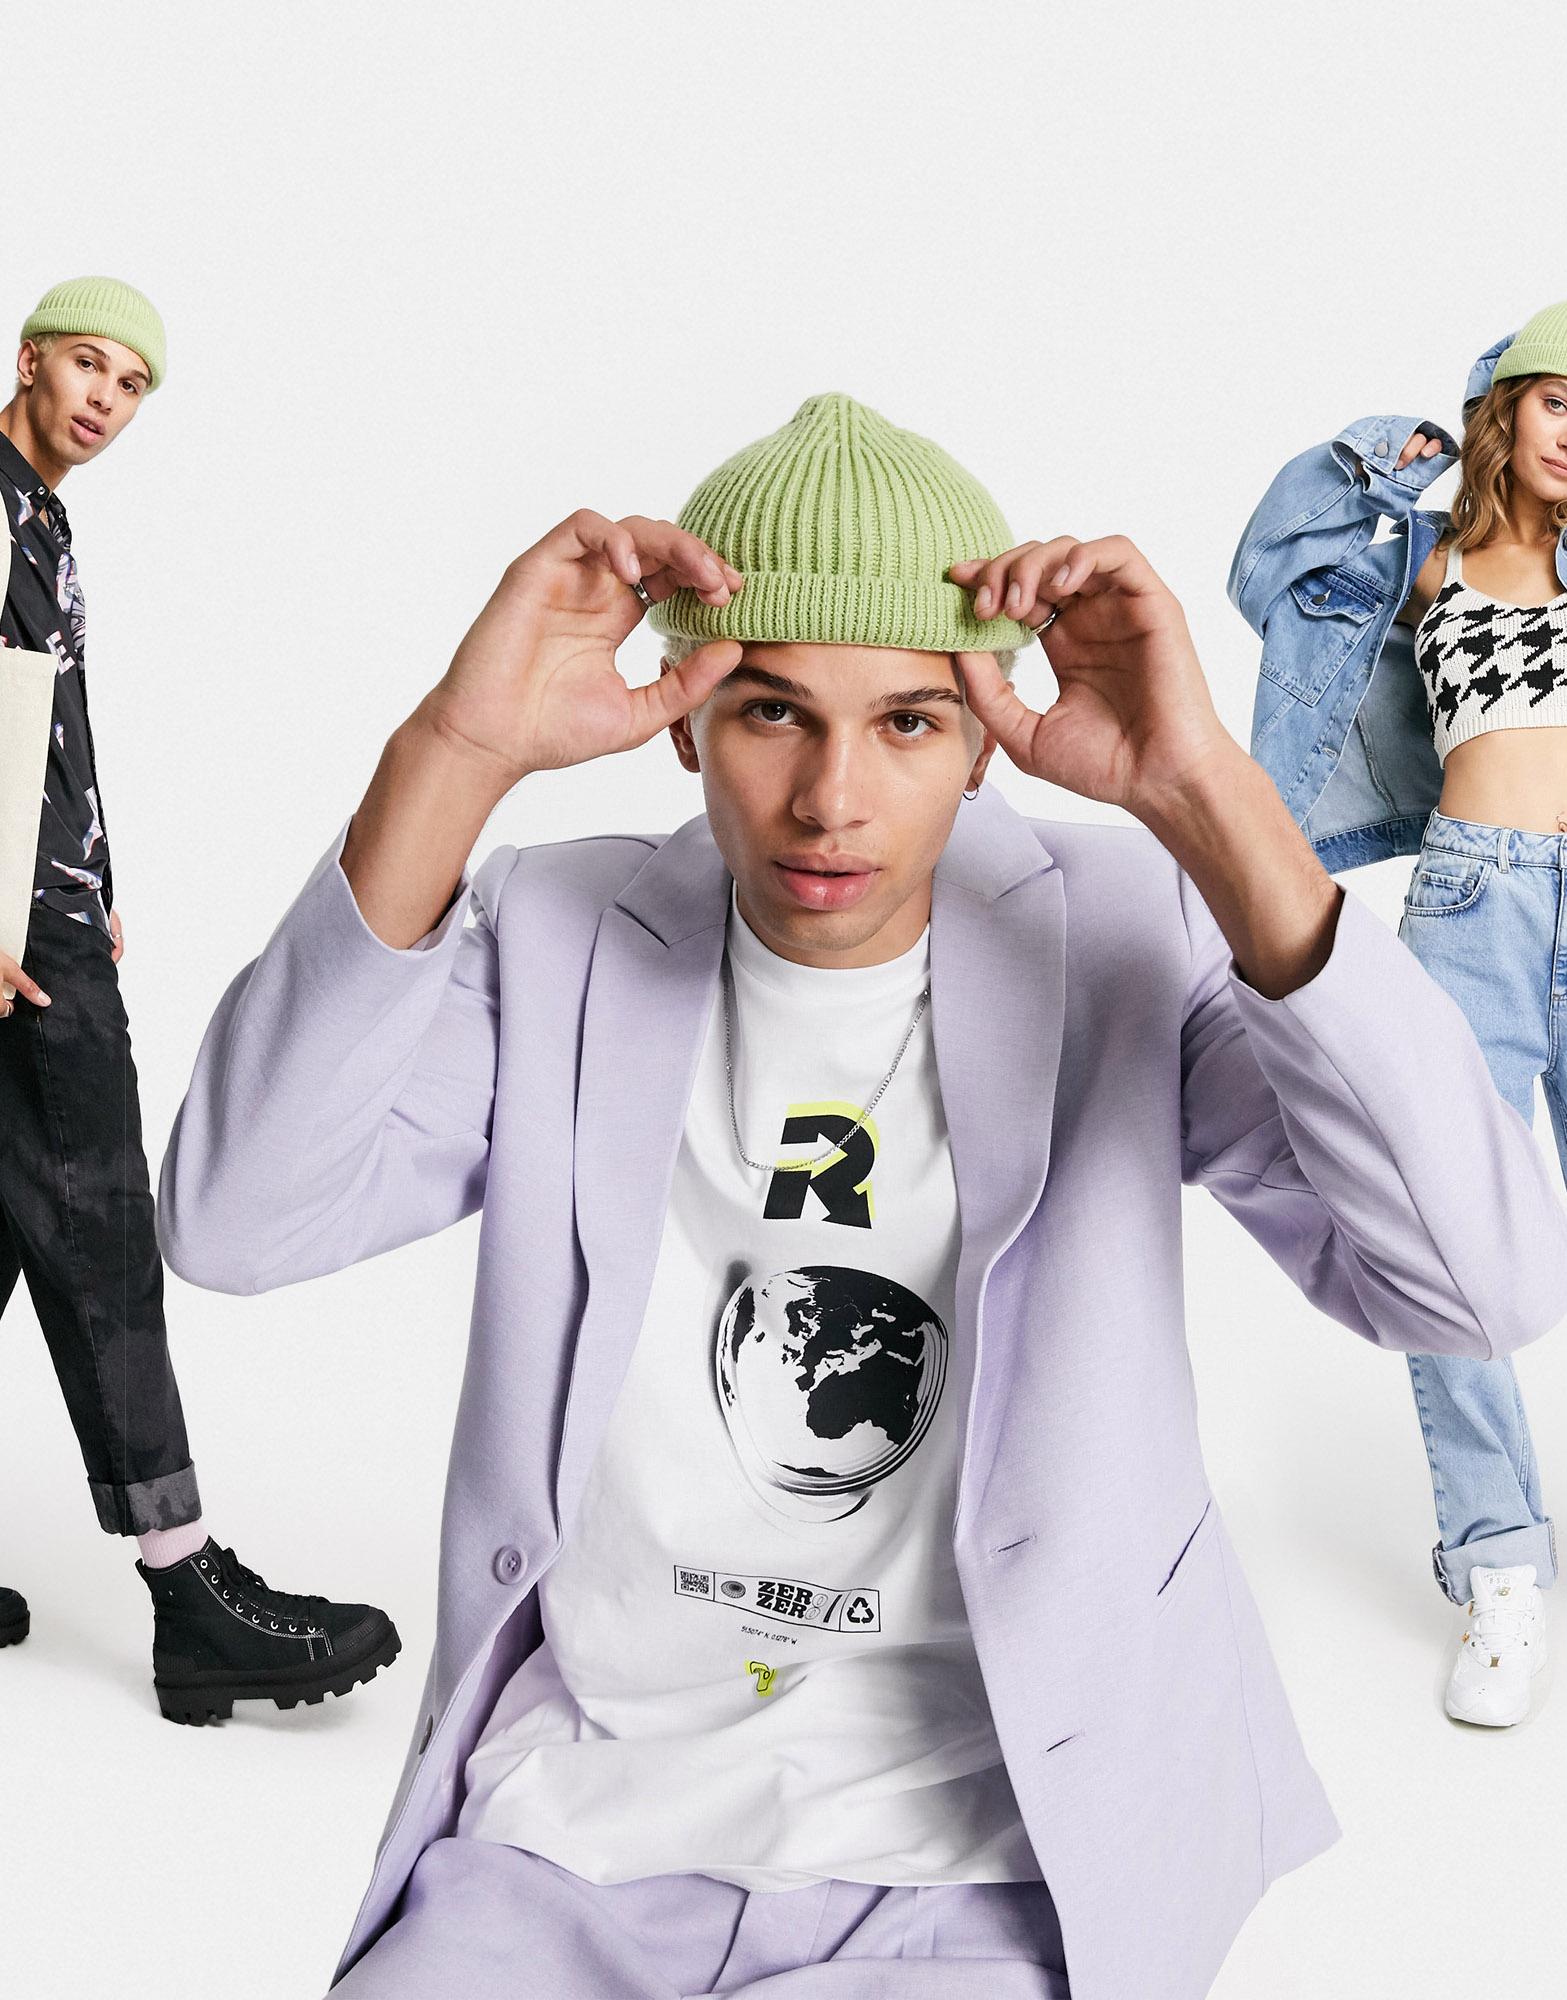 Asos Announces its First Circular Fashion Collection